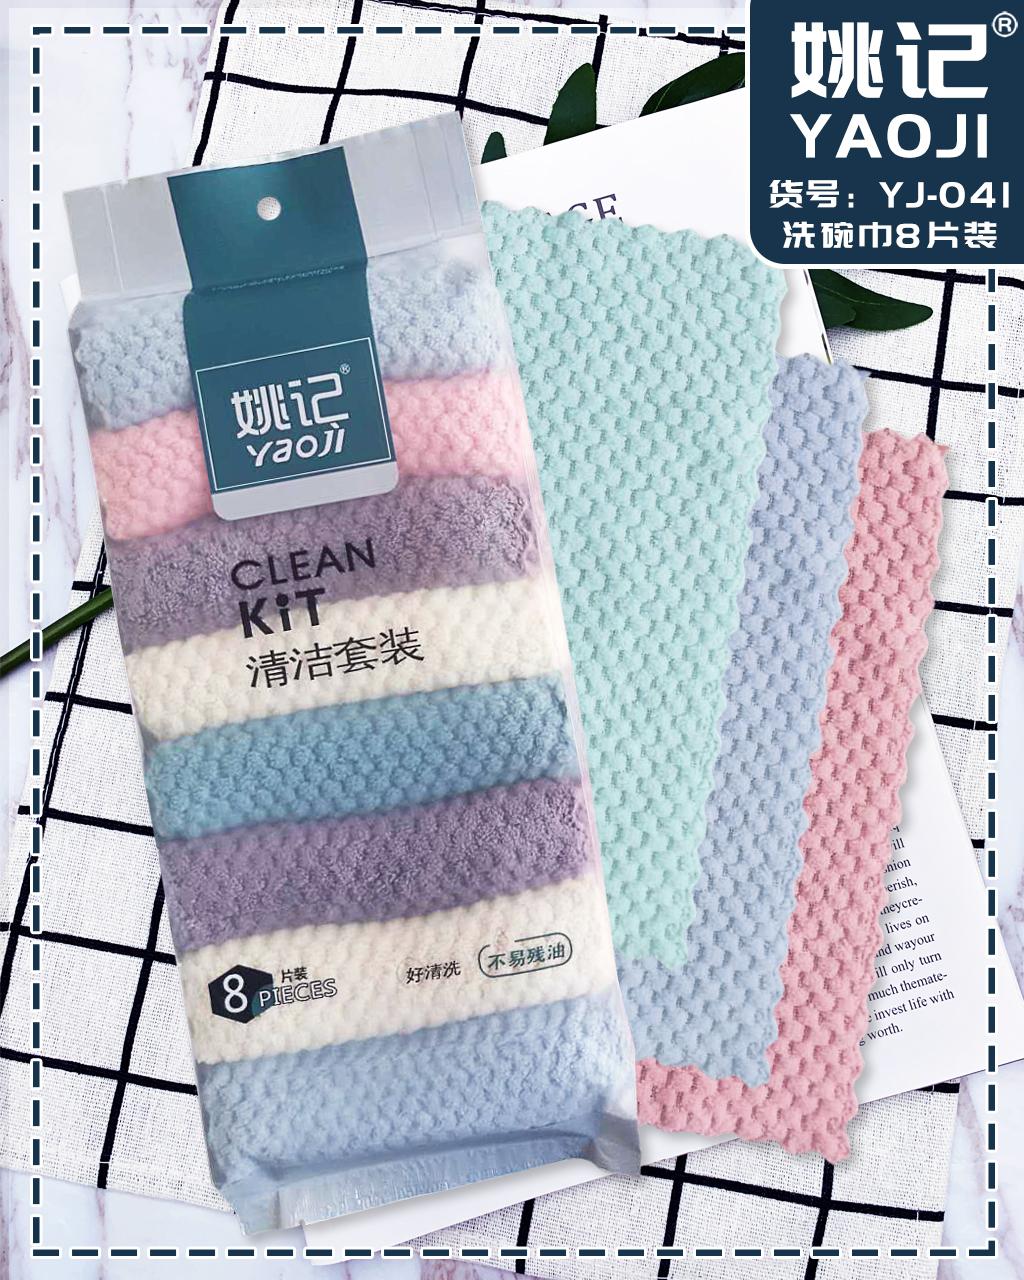 清潔巾套裝—YJ041